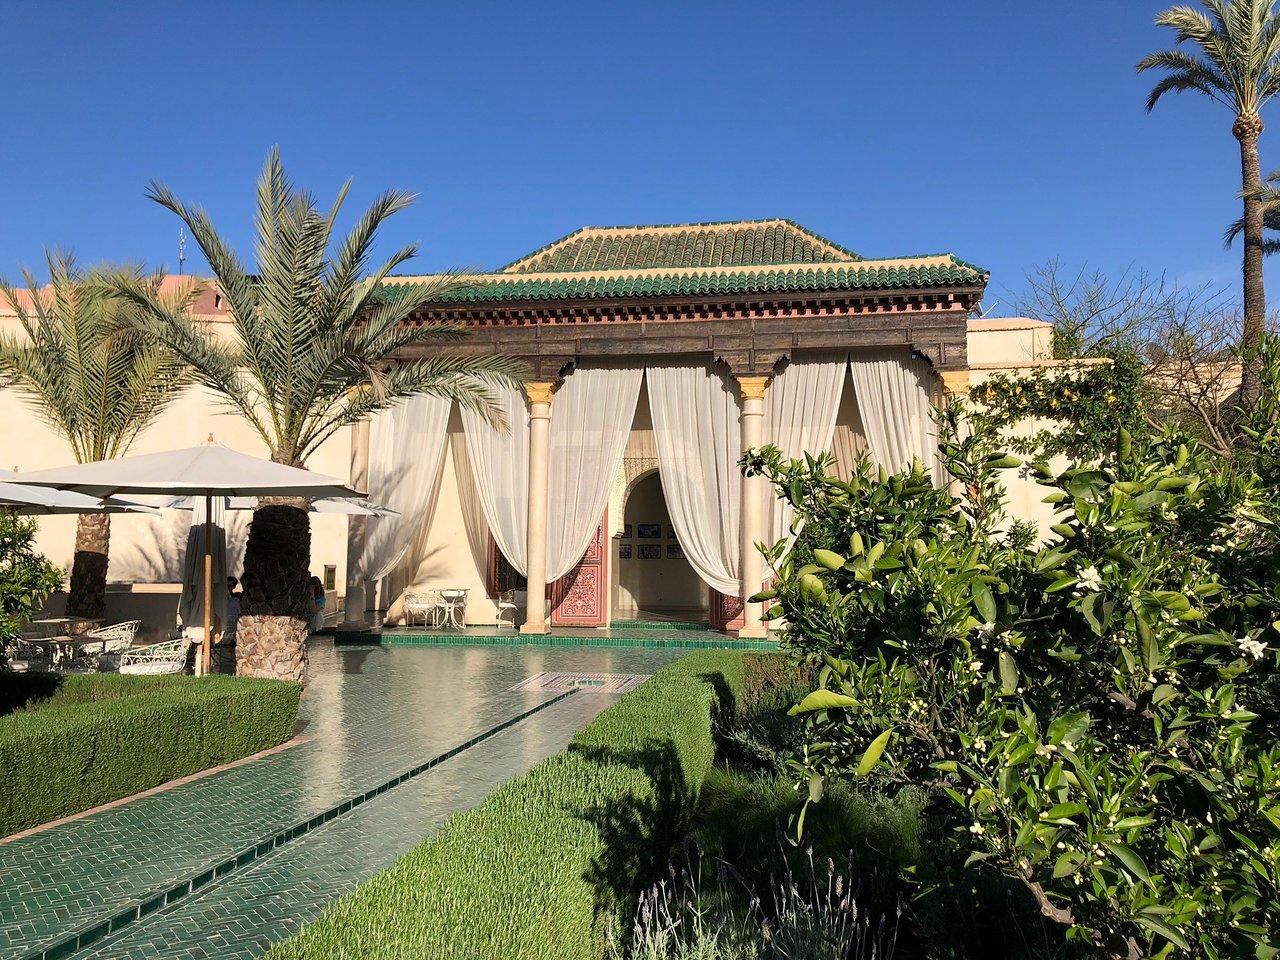 Le Jardin Marrakech Nouveau Le Jardin Secret Marrakech 2020 All You Need to Know Of 29 Élégant Le Jardin Marrakech